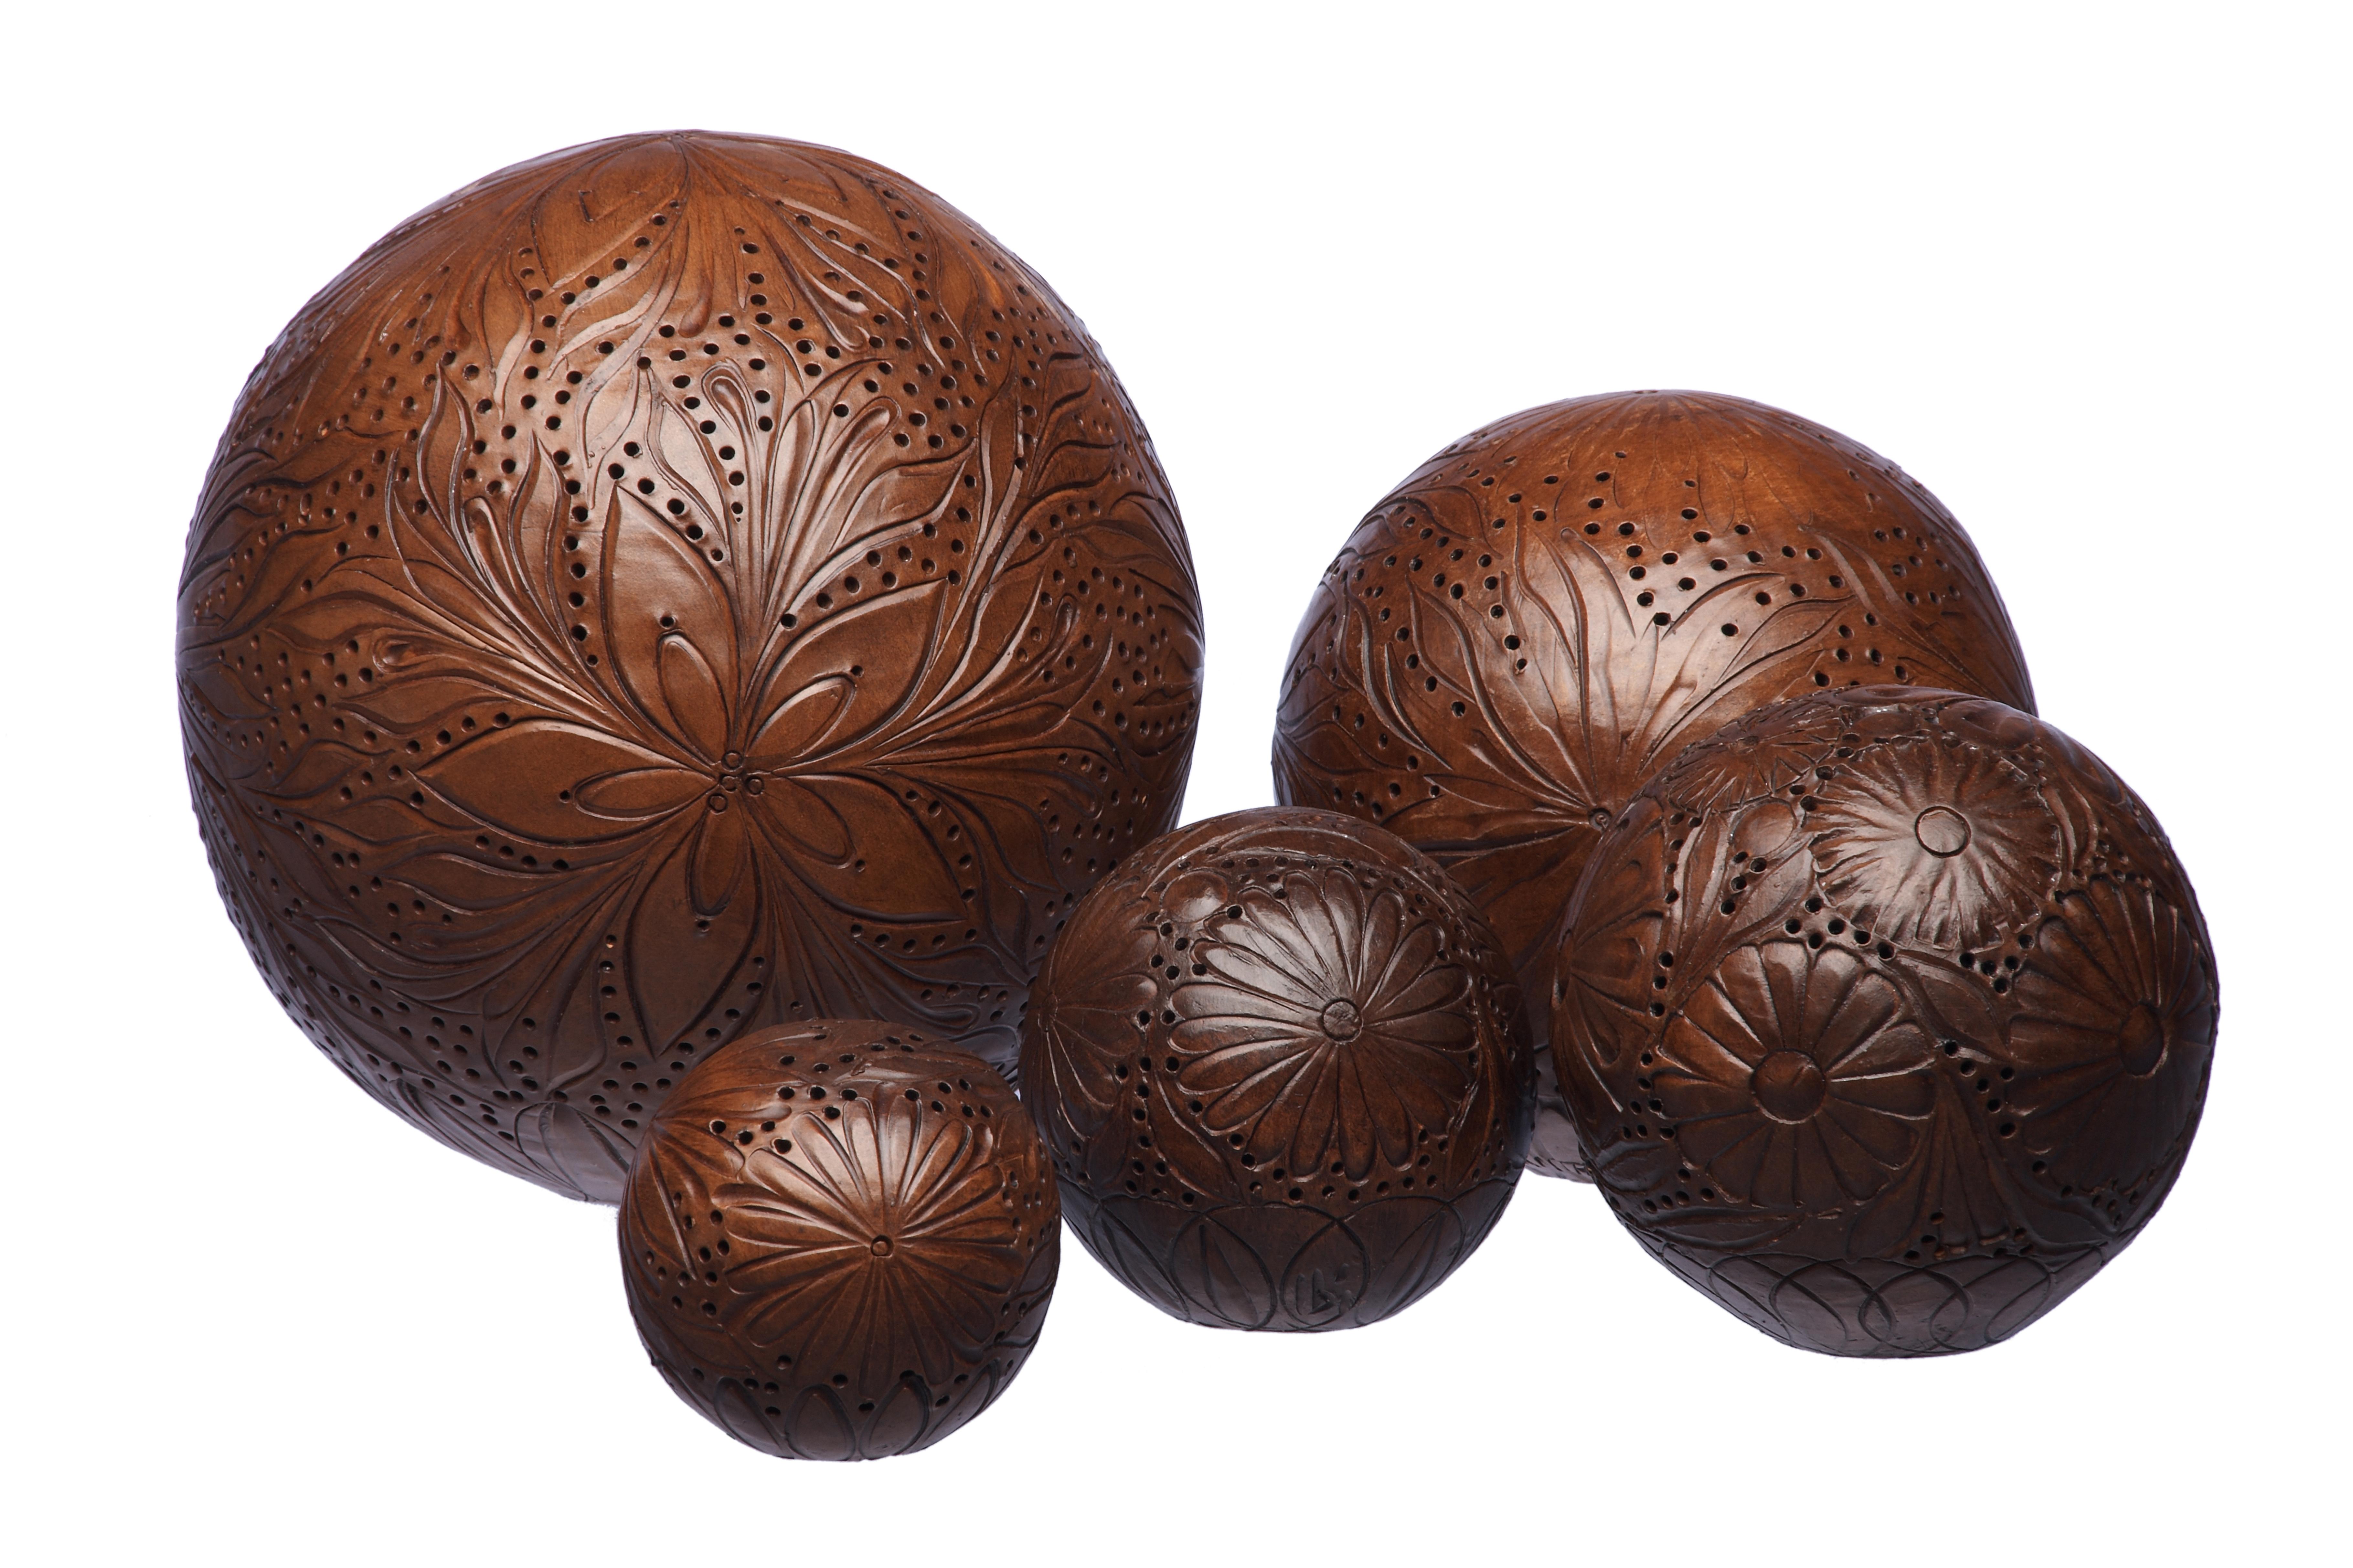 L'Artisan Parfumeur boules-dambre-serie-5-tailles-copie.jpg